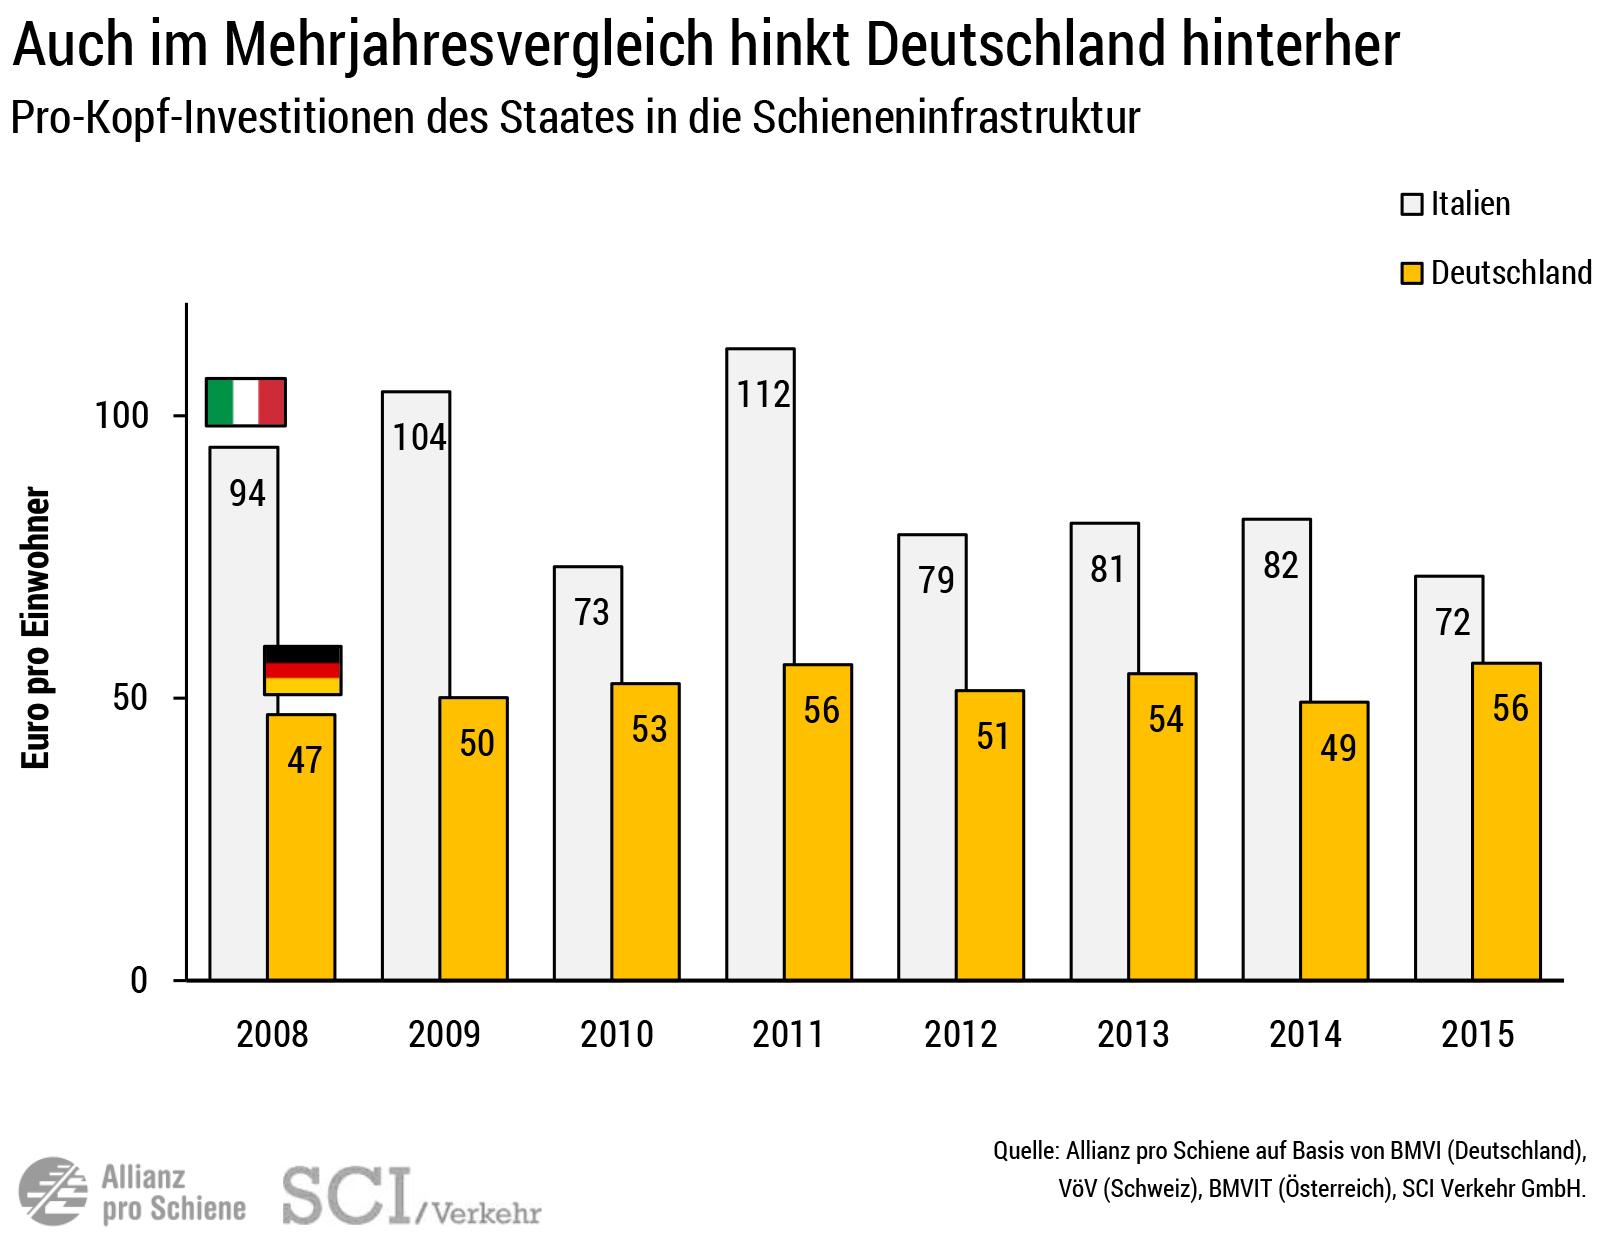 Vergleich: Investitionen ins Schienennetz pro Kopf in 2015 Deutschland - Italien